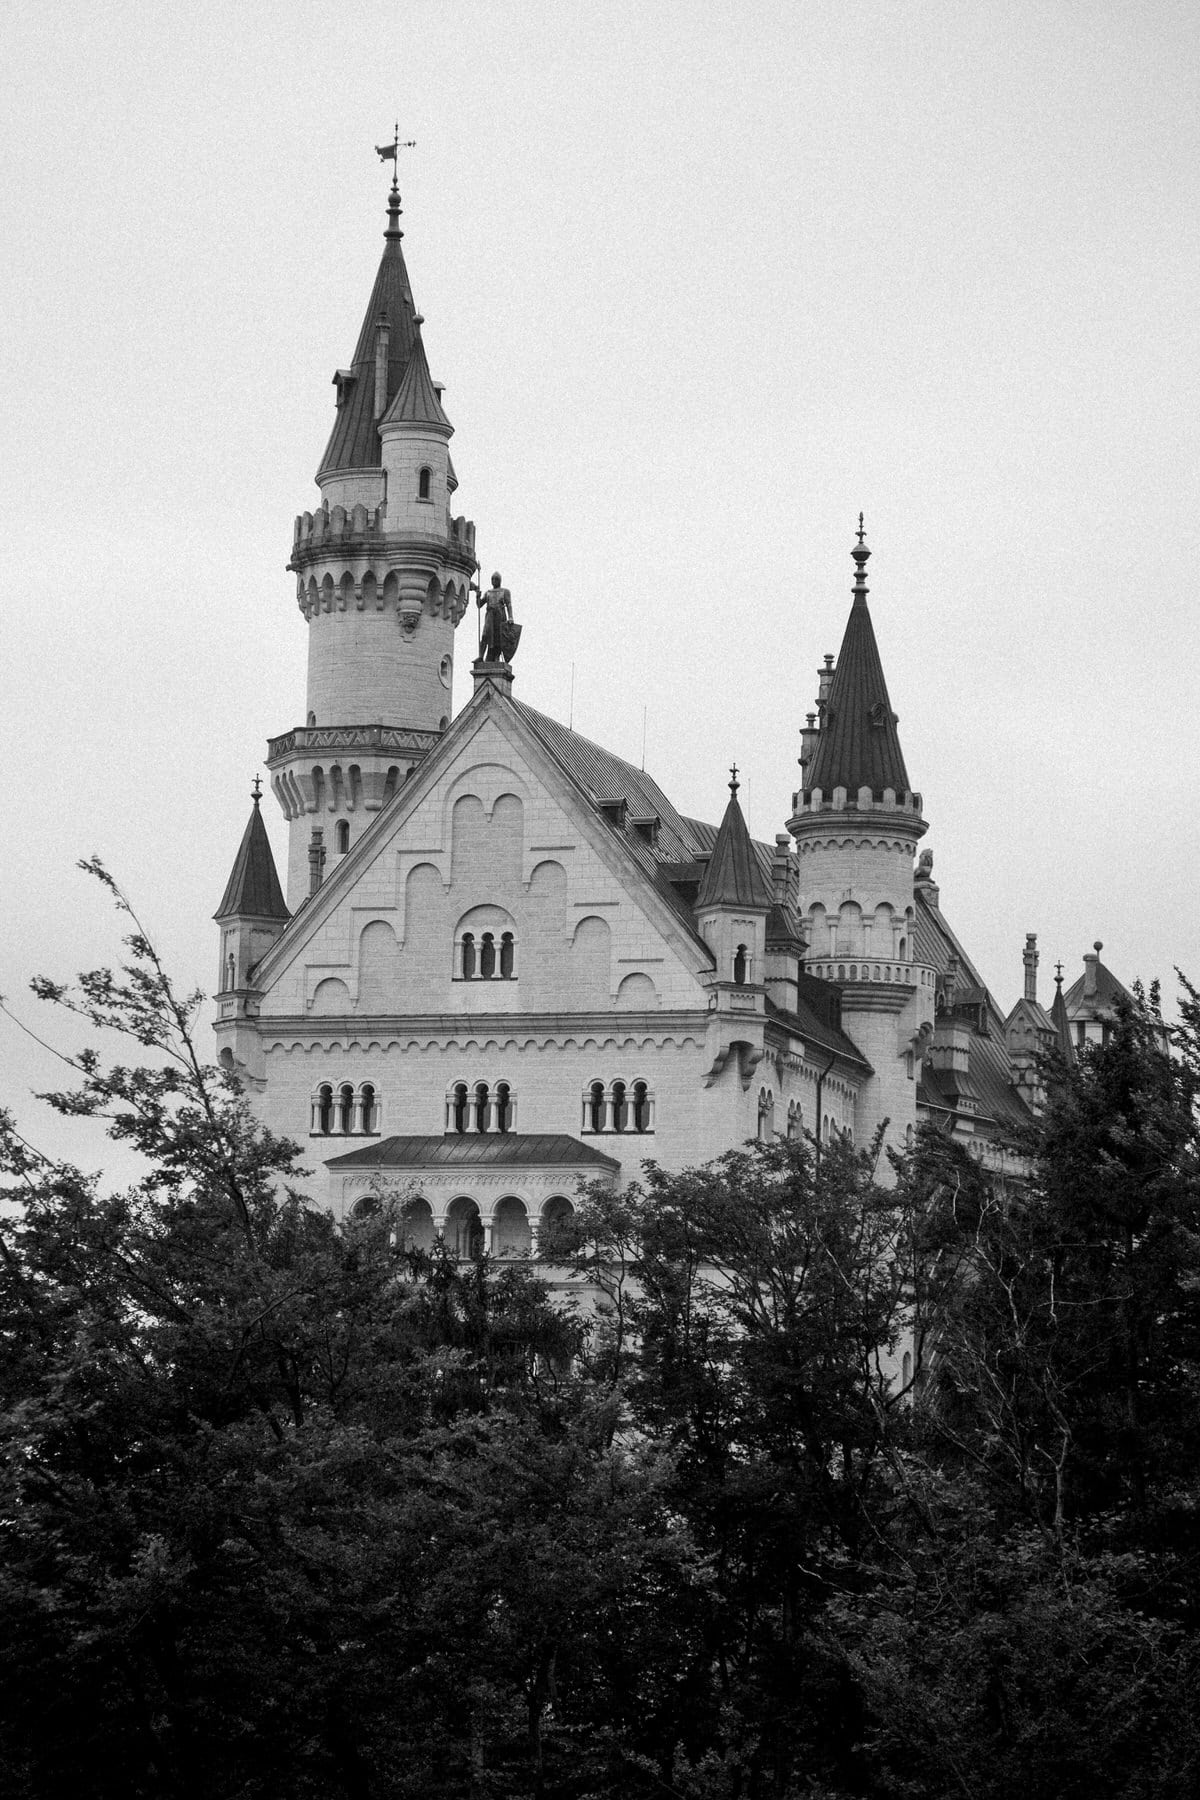 Neuschwanstein-Bavaria-Germany-black-and-white-fine-art-photography-by-Studio-L-photographer-Laura-Schneider-_3531